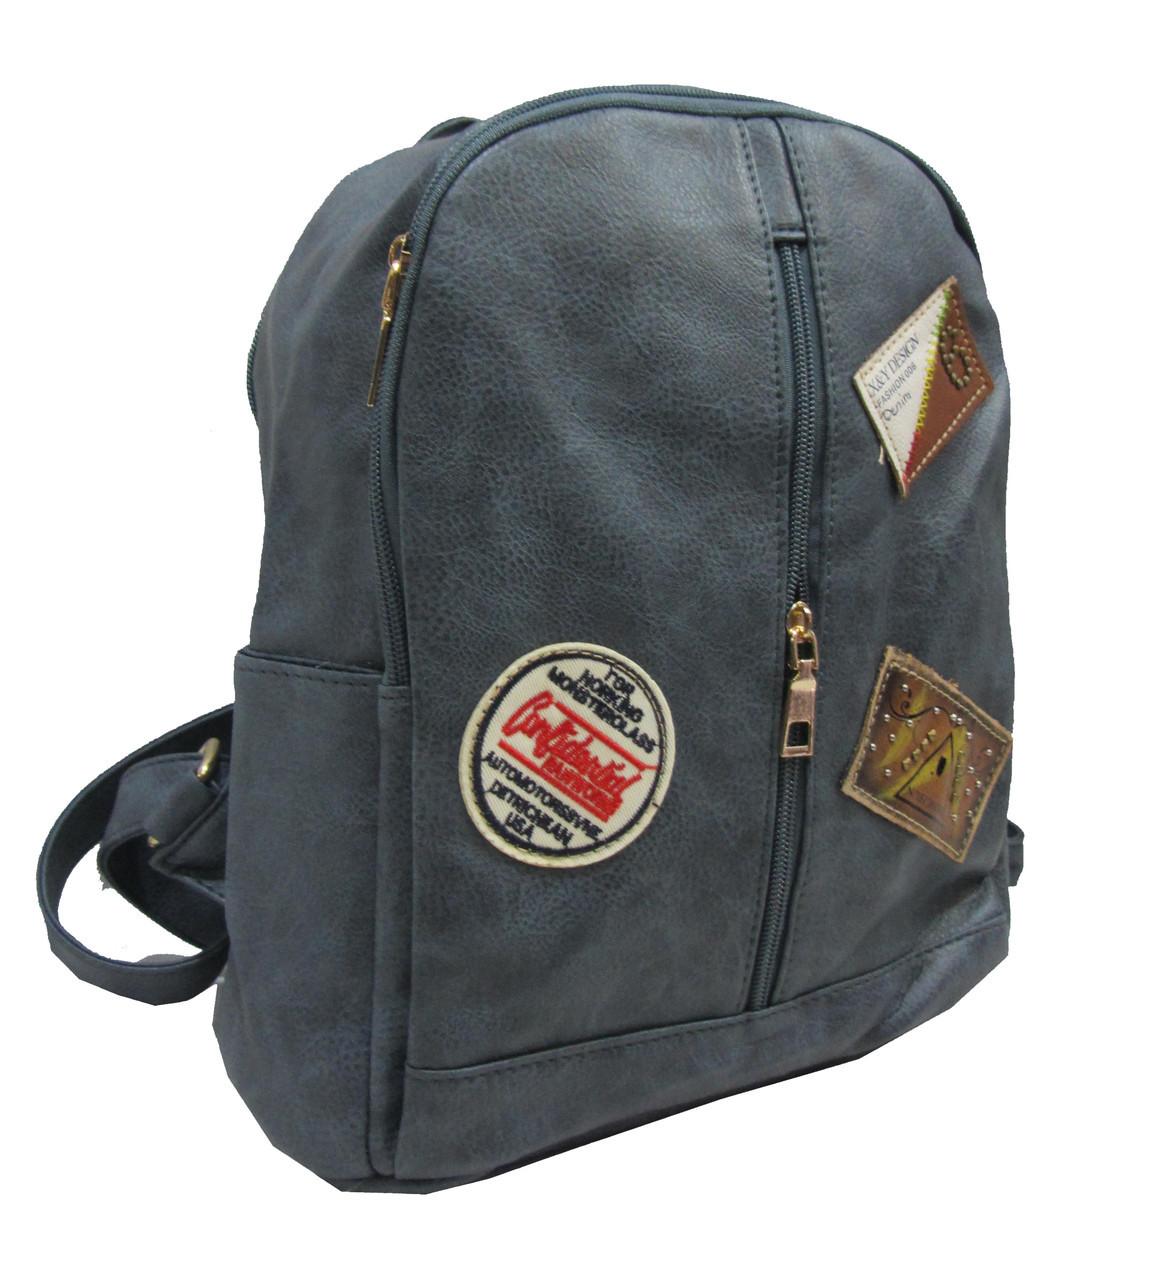 c5f1d3e30e52 Новинка 2017. Кожаный женский рюкзак. 4 Цвета. Женская сумка. ЗР04 ...